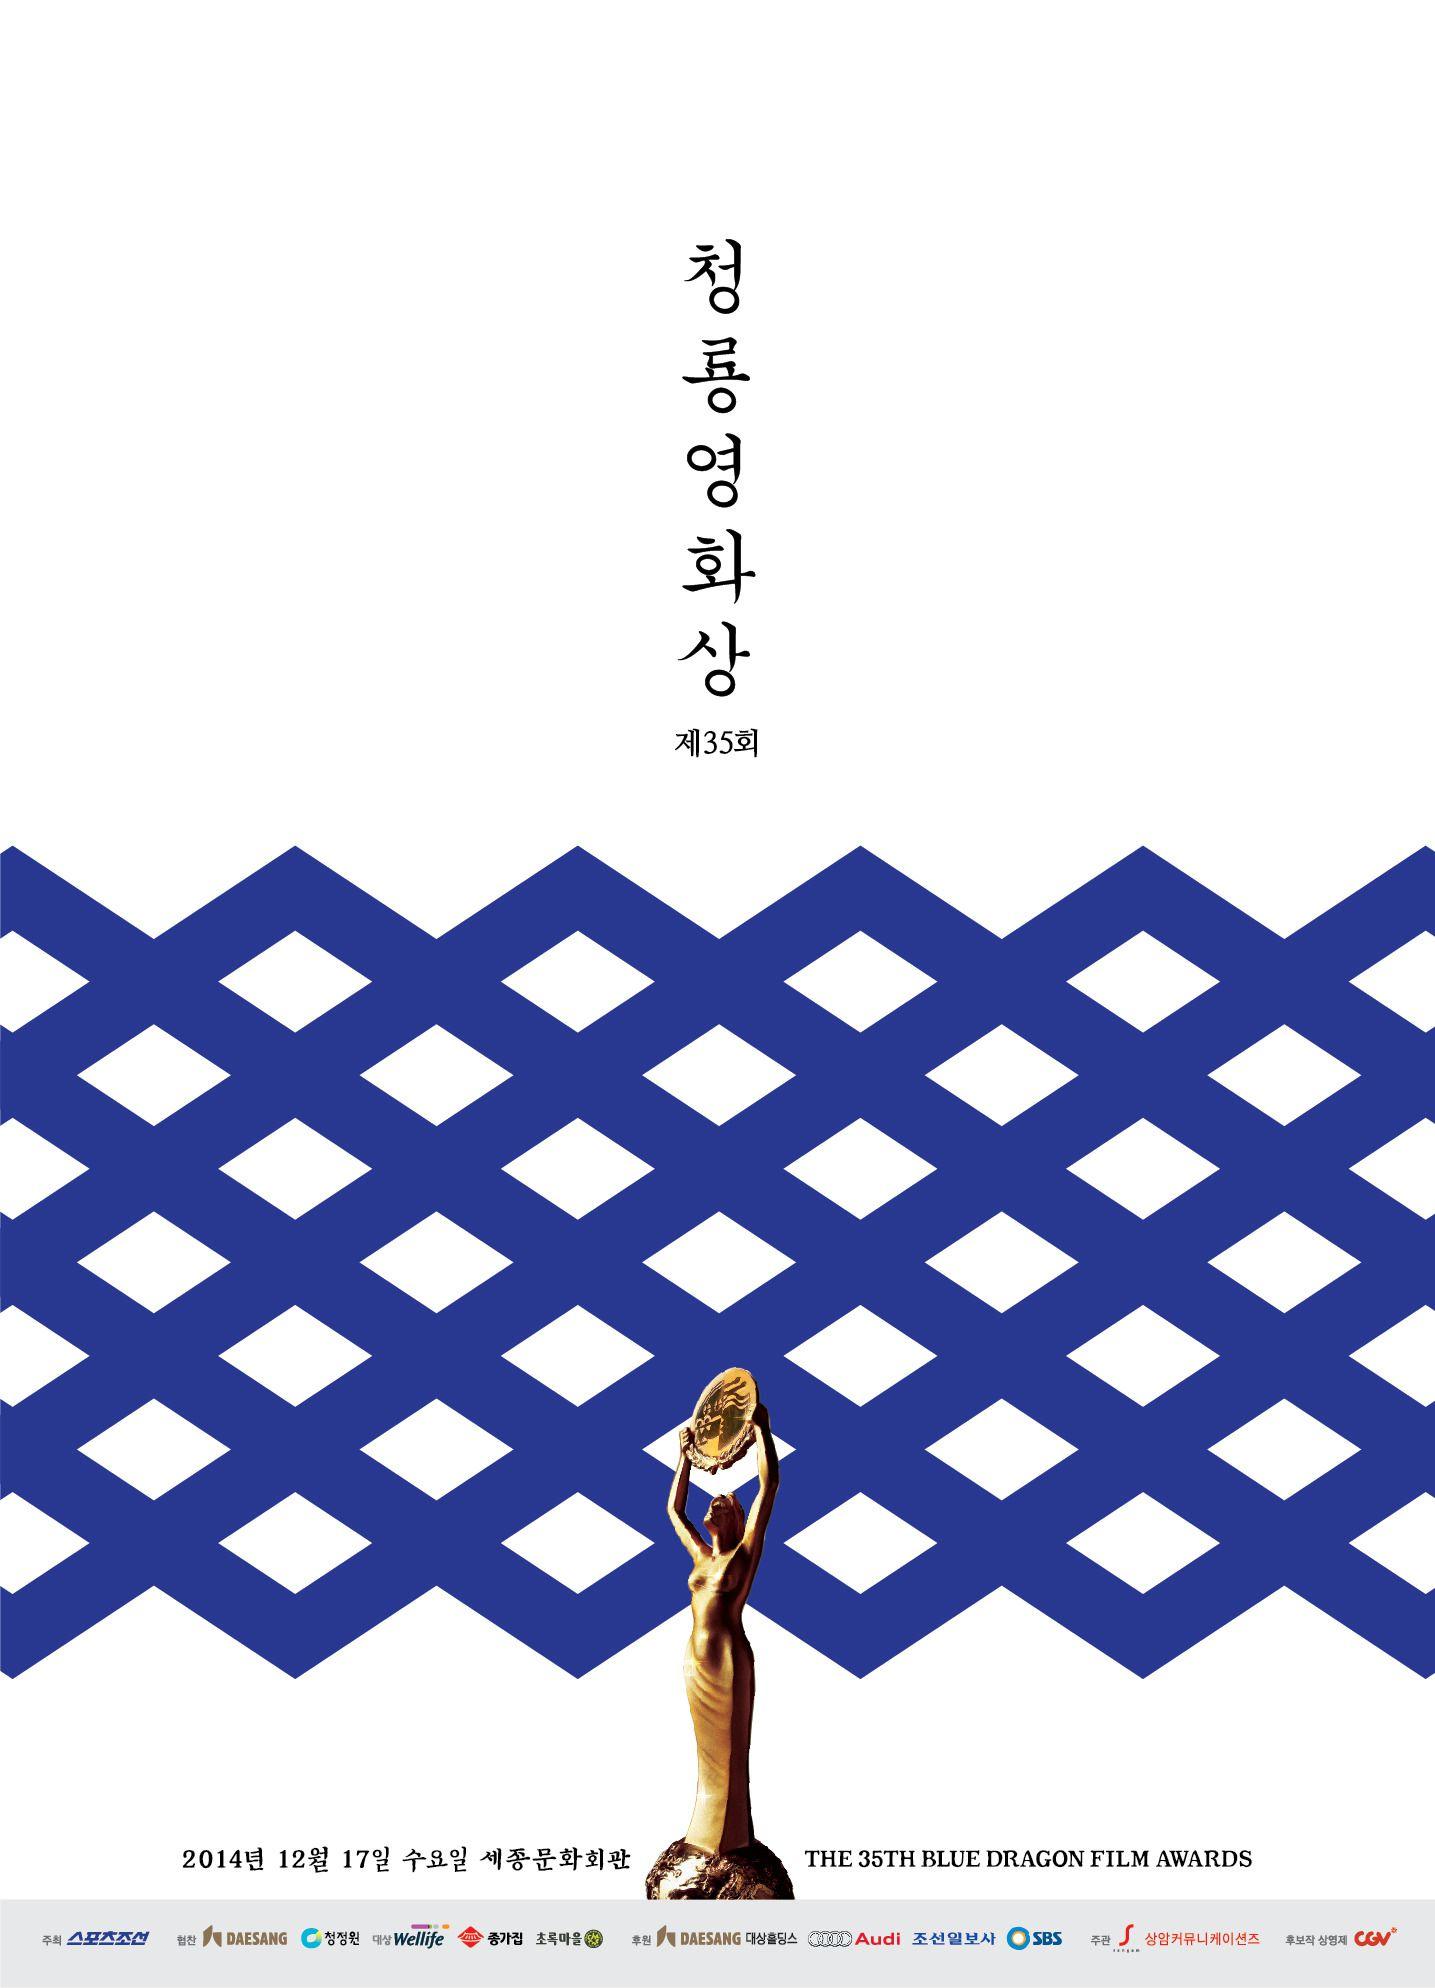 2014_(35th)_Blue_Dragon_Film_Awards